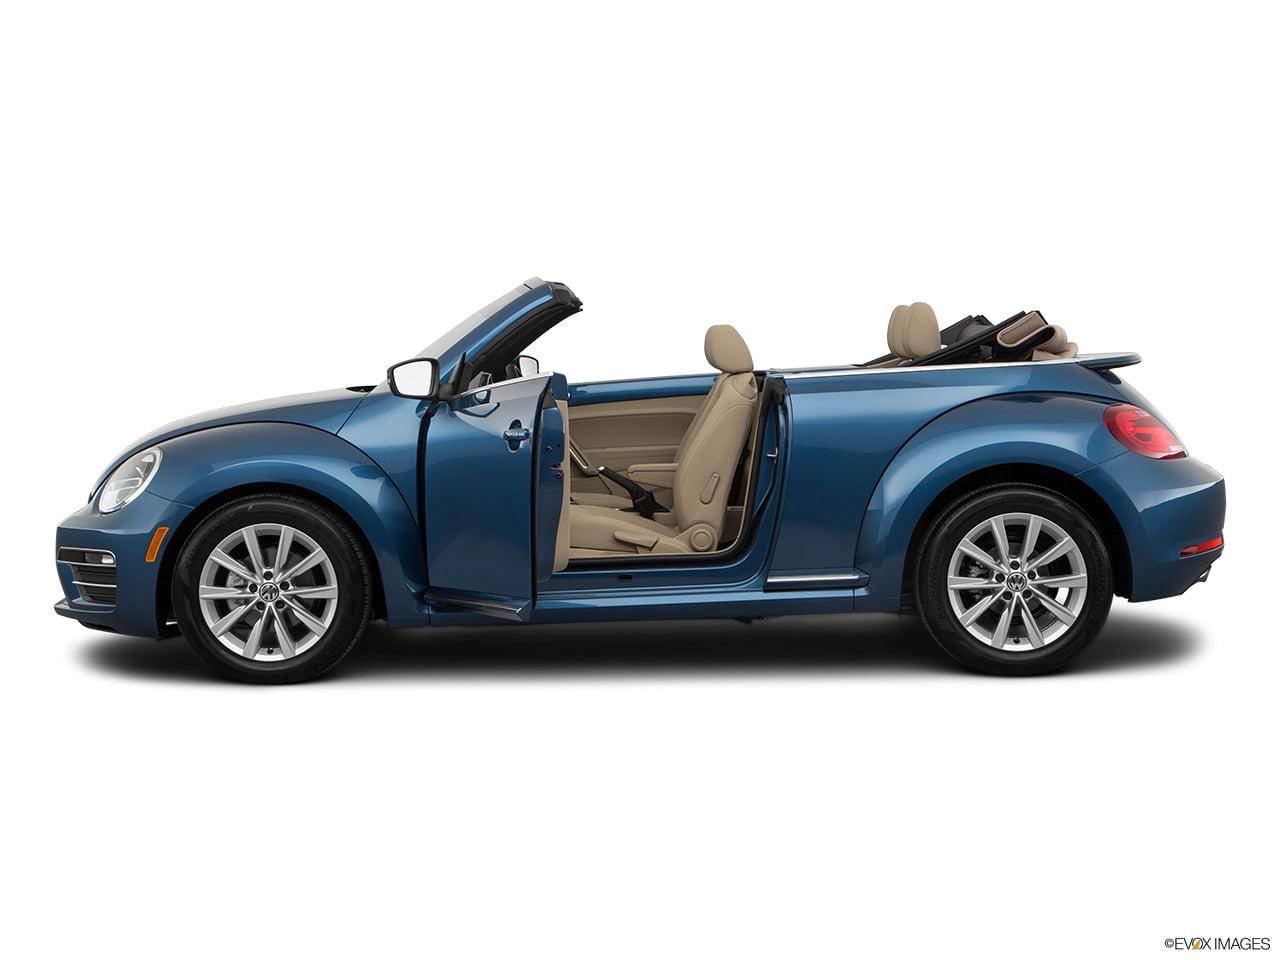 2019 Volkswagen Beetle Convertible (Best Lease Deals ...